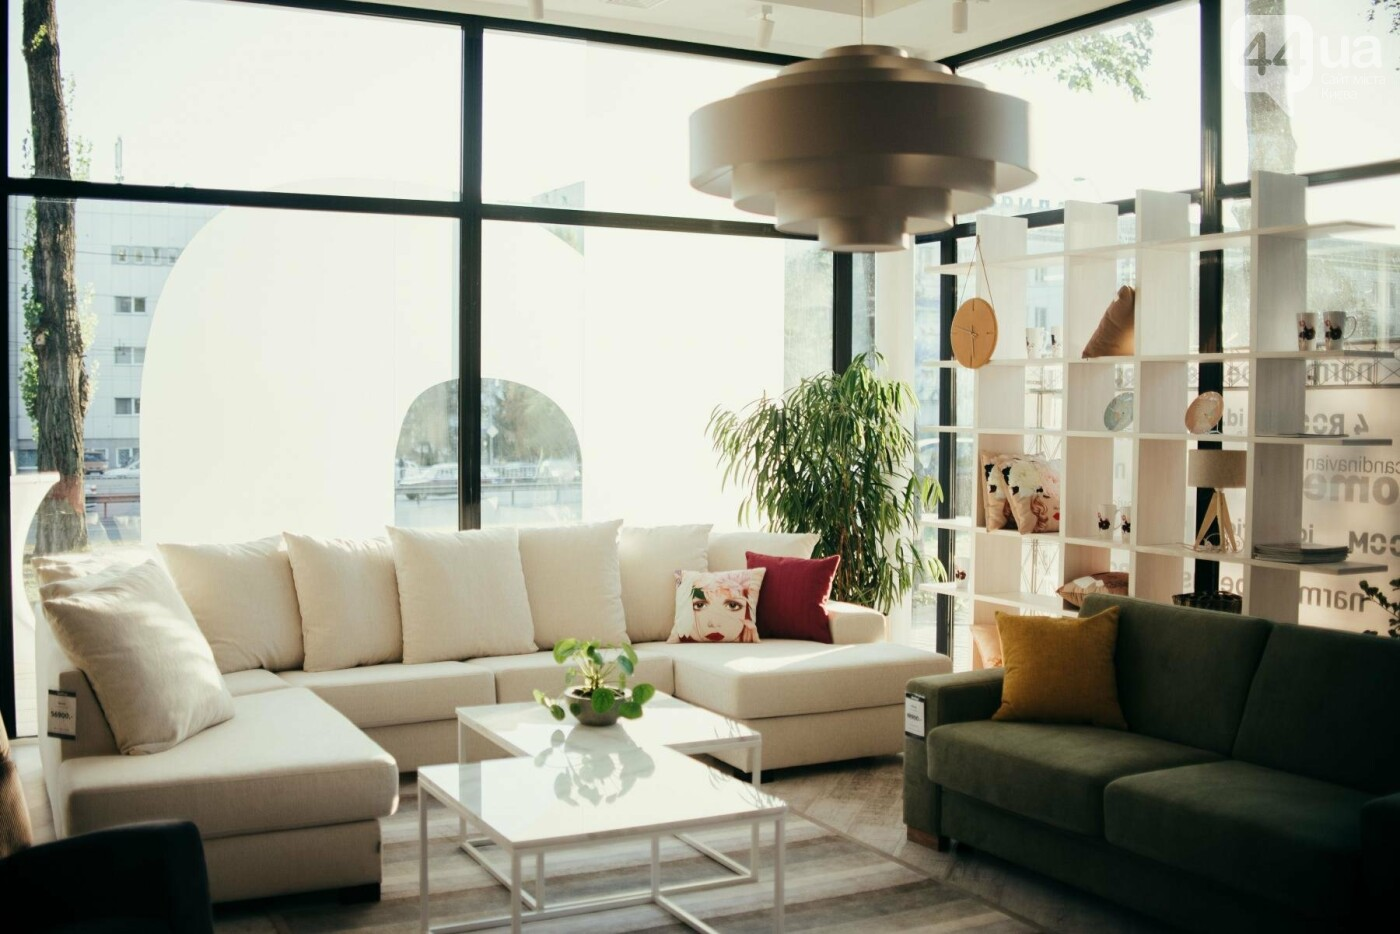 Обзор мебельных компаний Киева: какую мебель выбрать?, фото-47